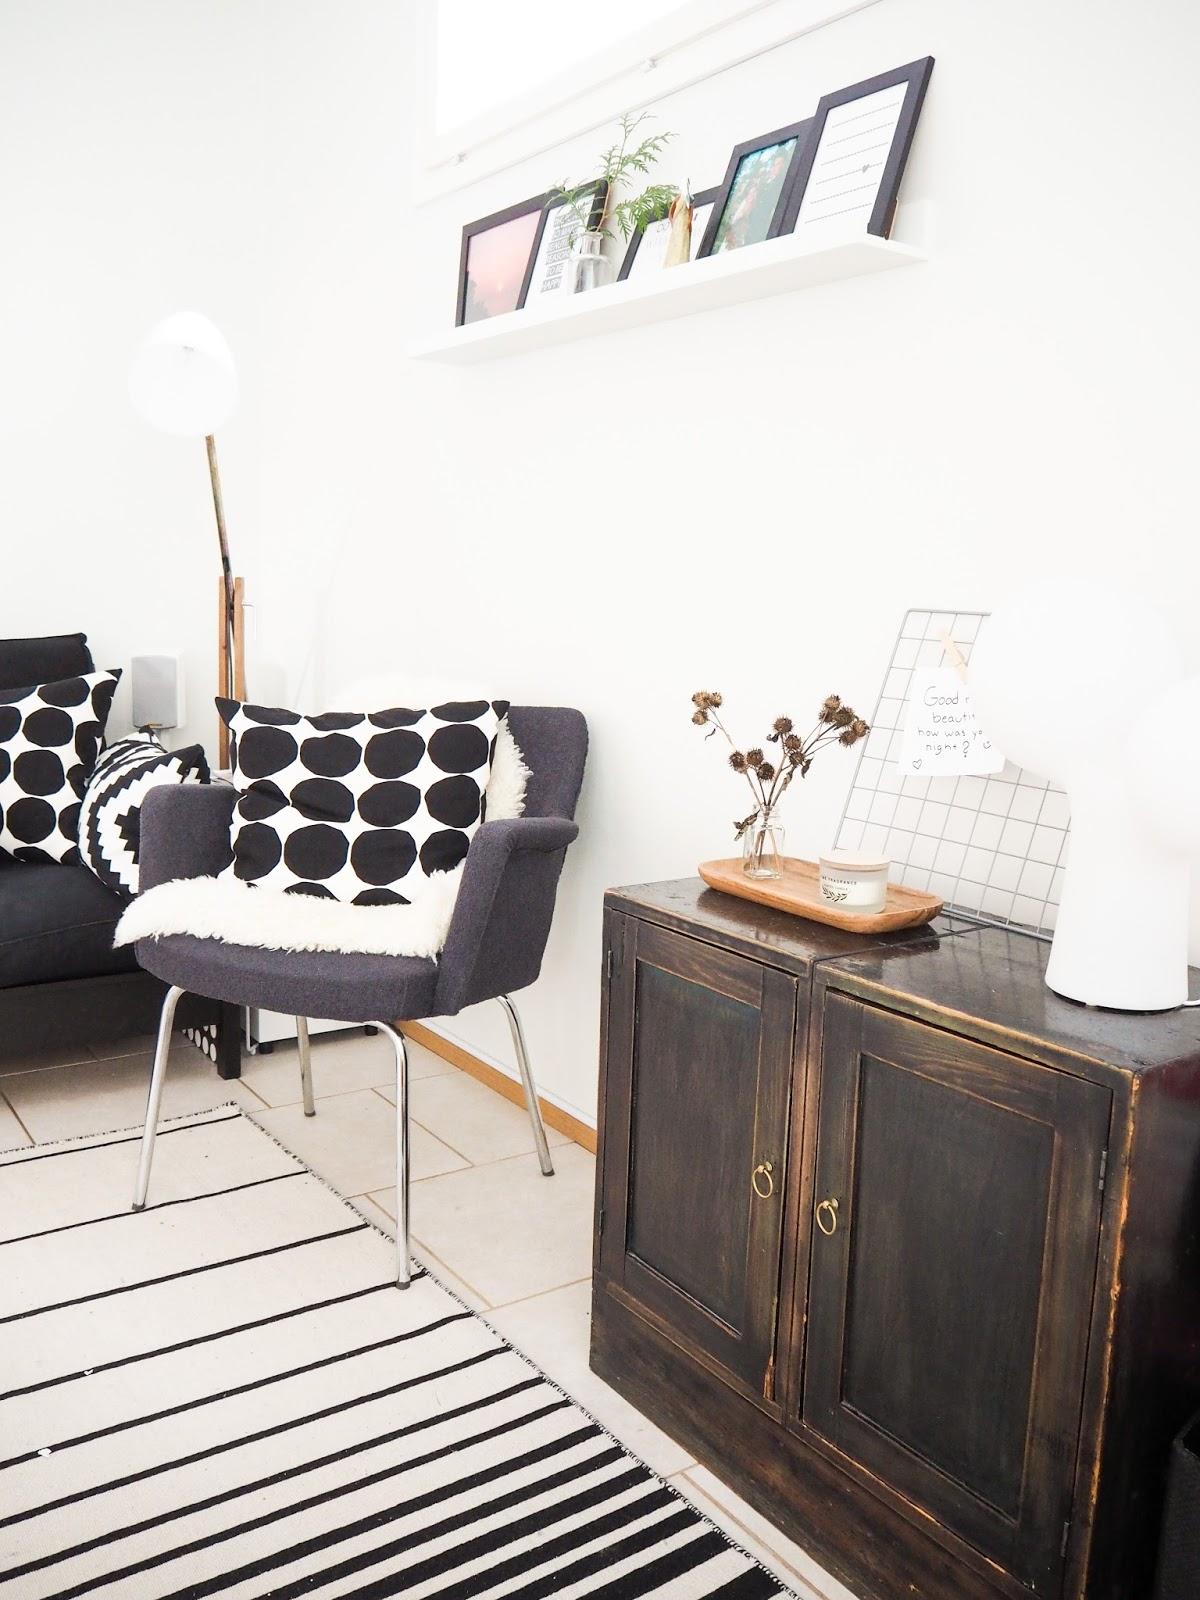 Saippuakuplia olohuoneessa -blogi, kuva Hanna Poikkilehto, olohuone, sisustus, koti, diy, sisusta pienellä budjetilla, sisusta halvalla,